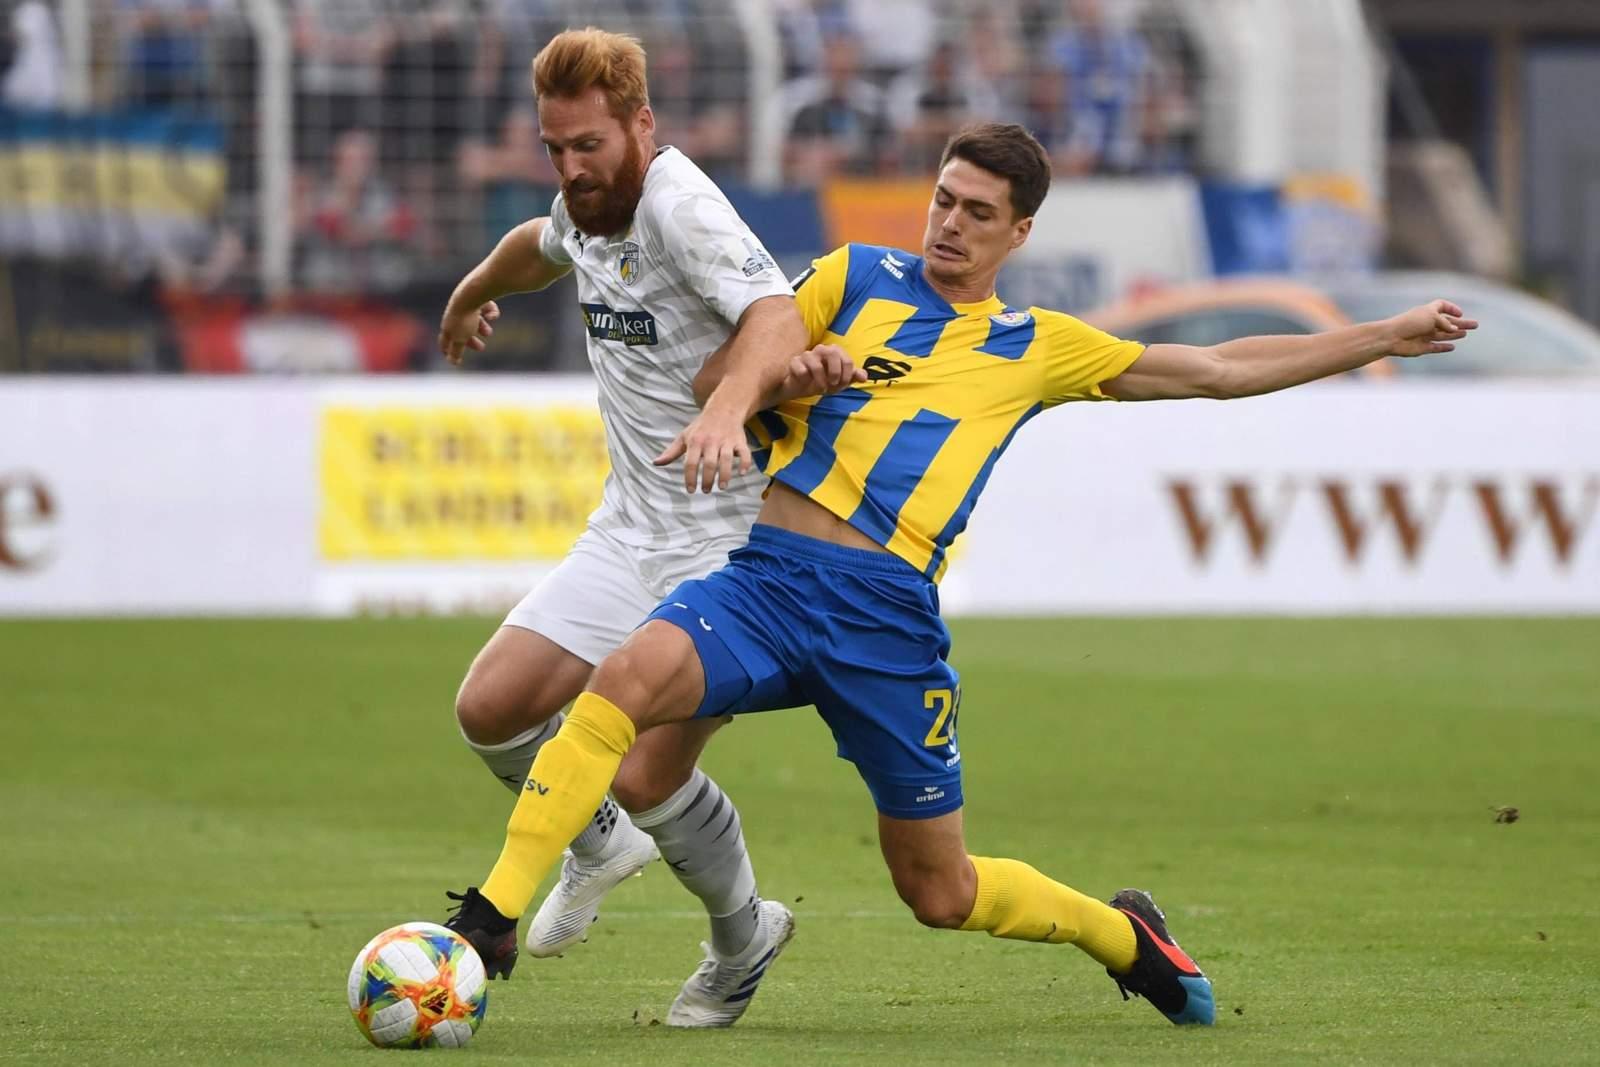 Nico Hammann von Carl Zeiss Jena gegen Danilo Wiebe von Braunschweig